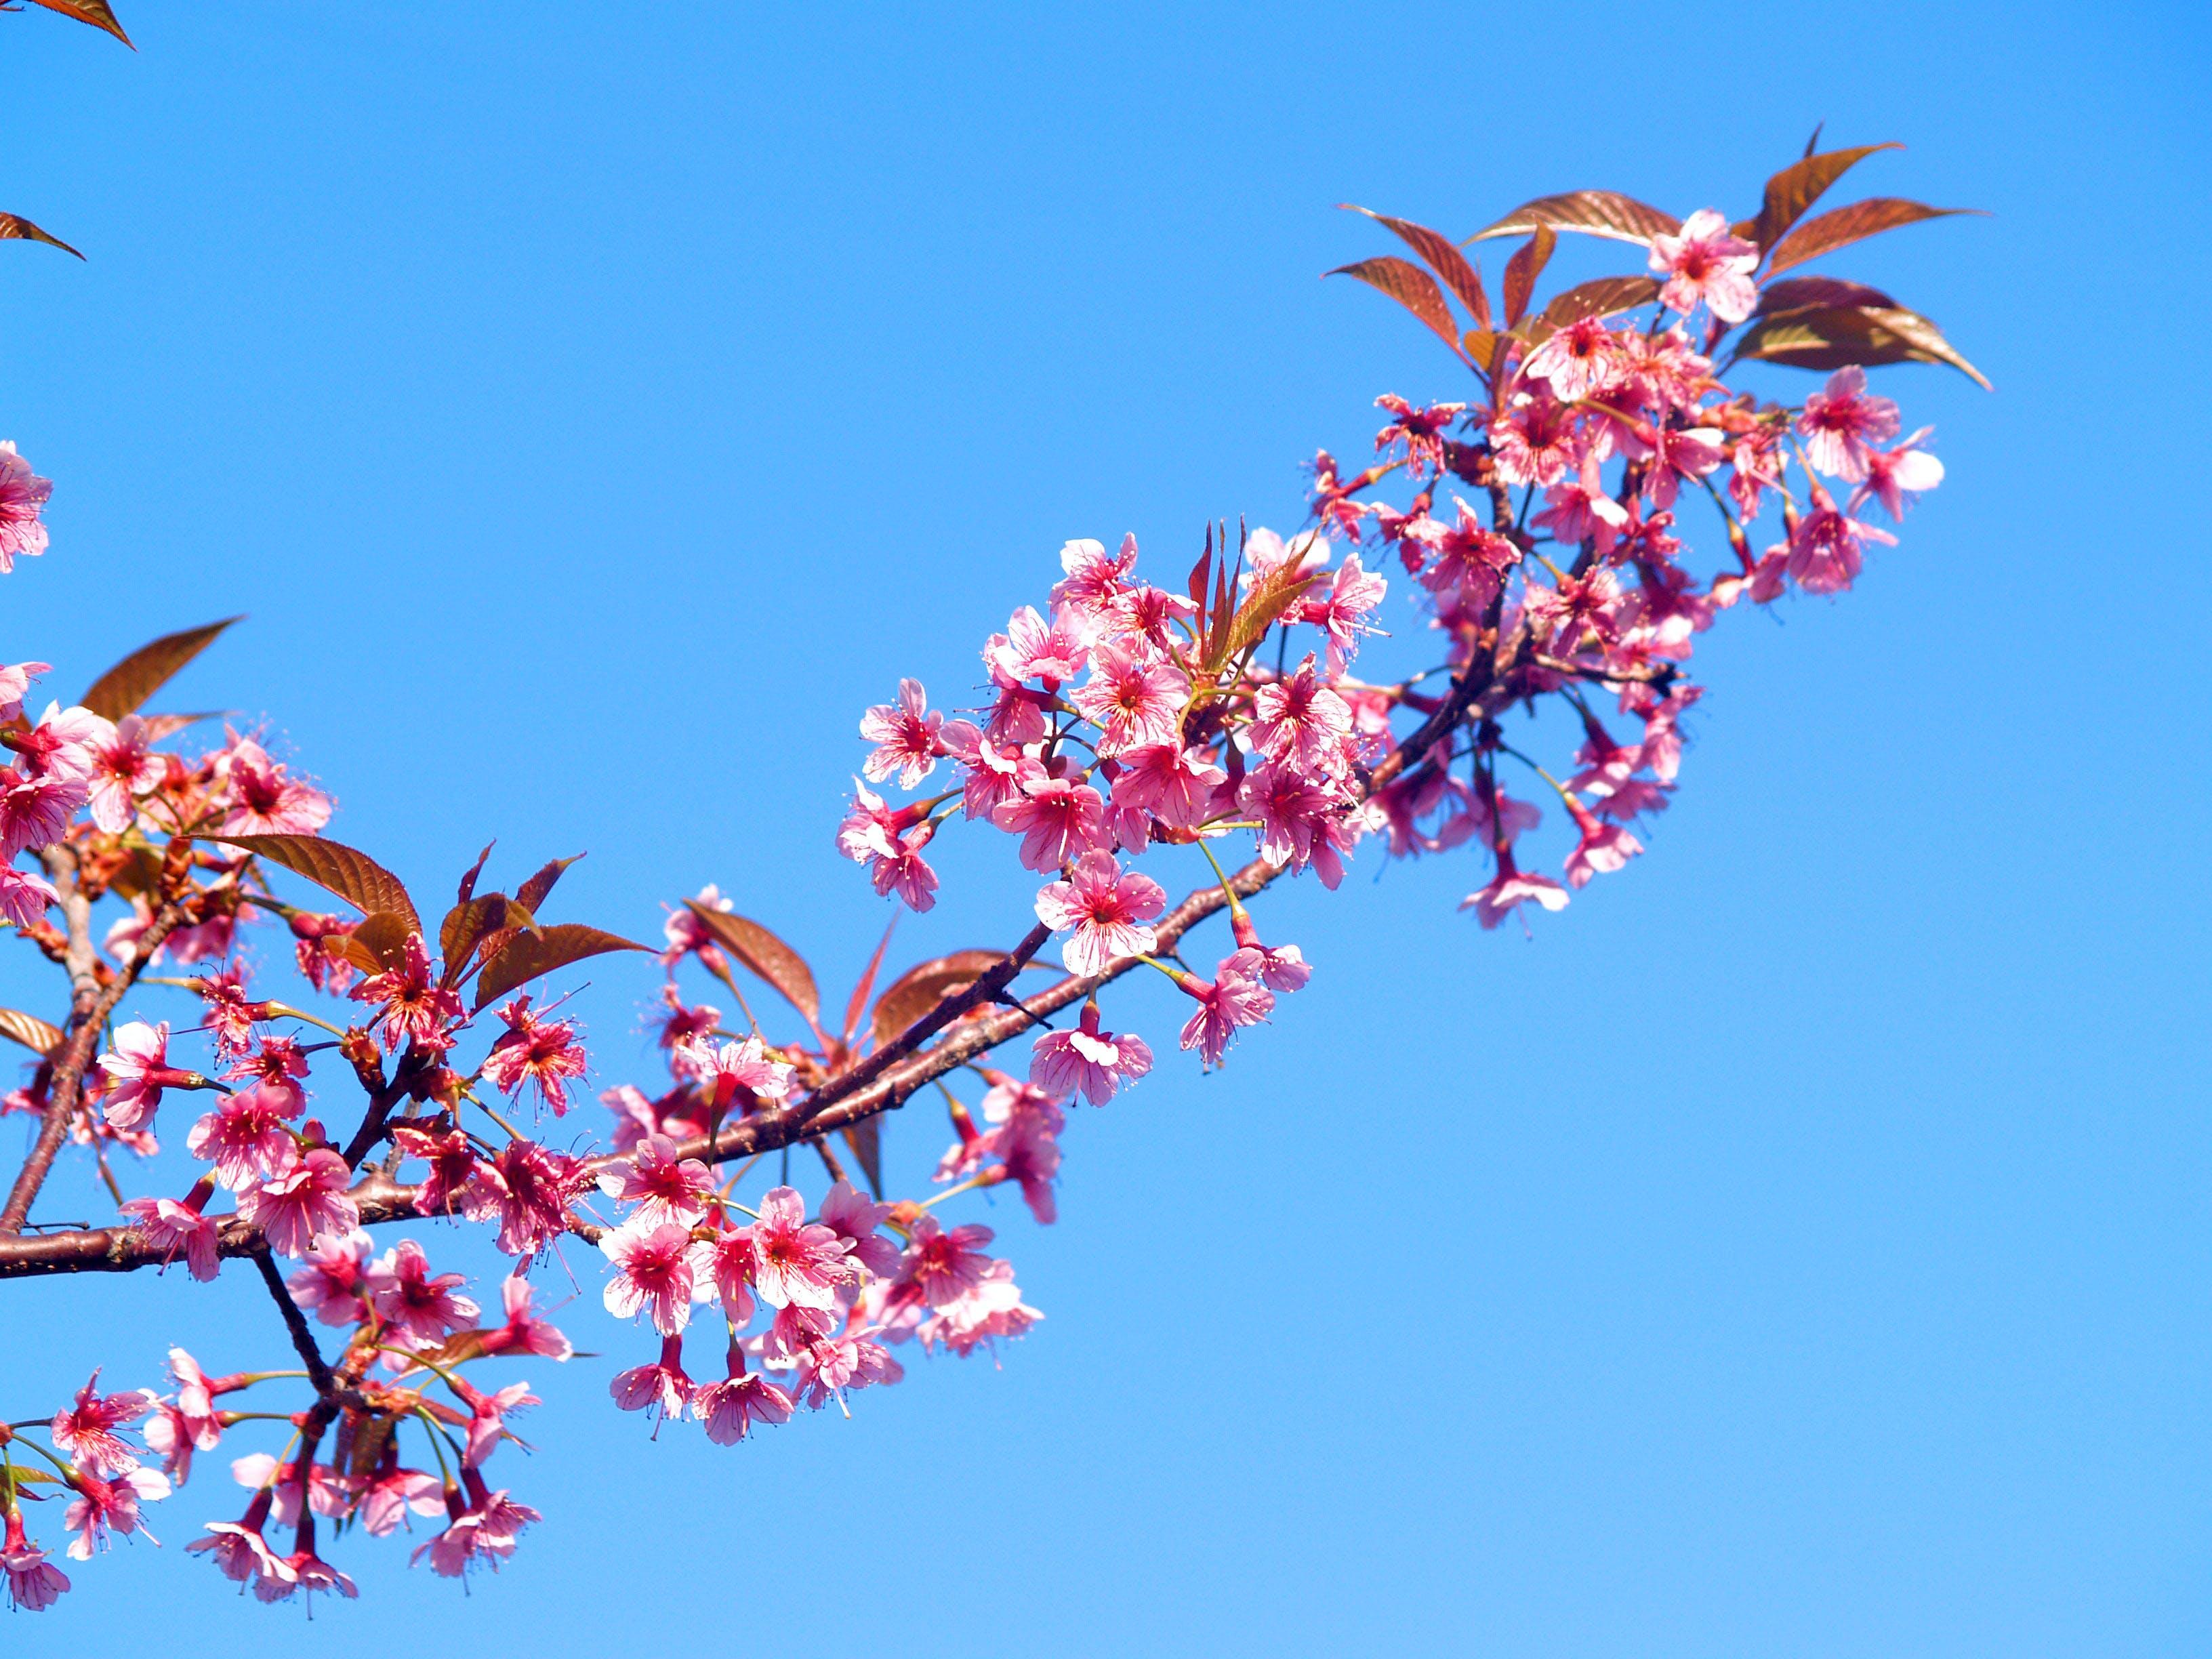 Pink Outdoor Flowers